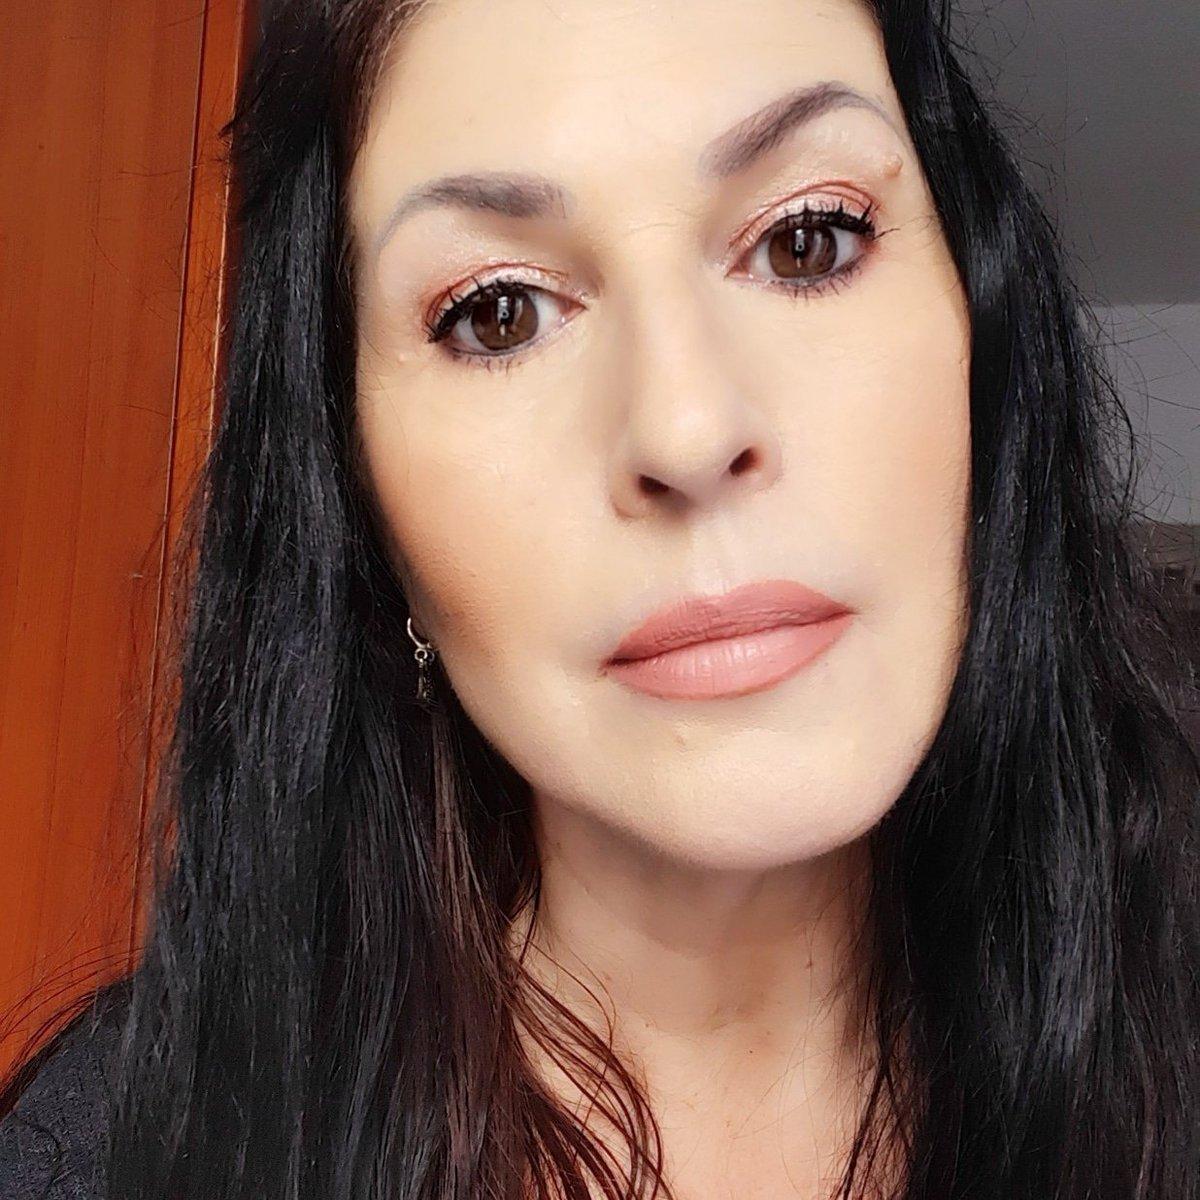 Appena arrivata la nuova tinta labbra #bananabeauty Prosecco Ready e matita labbra Caramelita,confortevole,vegan,con olii idratanti #BloggersTribe #blogginggals #RTingbloggers #ilovemakeup #makeupfanatic #makeuplook #FierceBloggers #fabbloggersRT